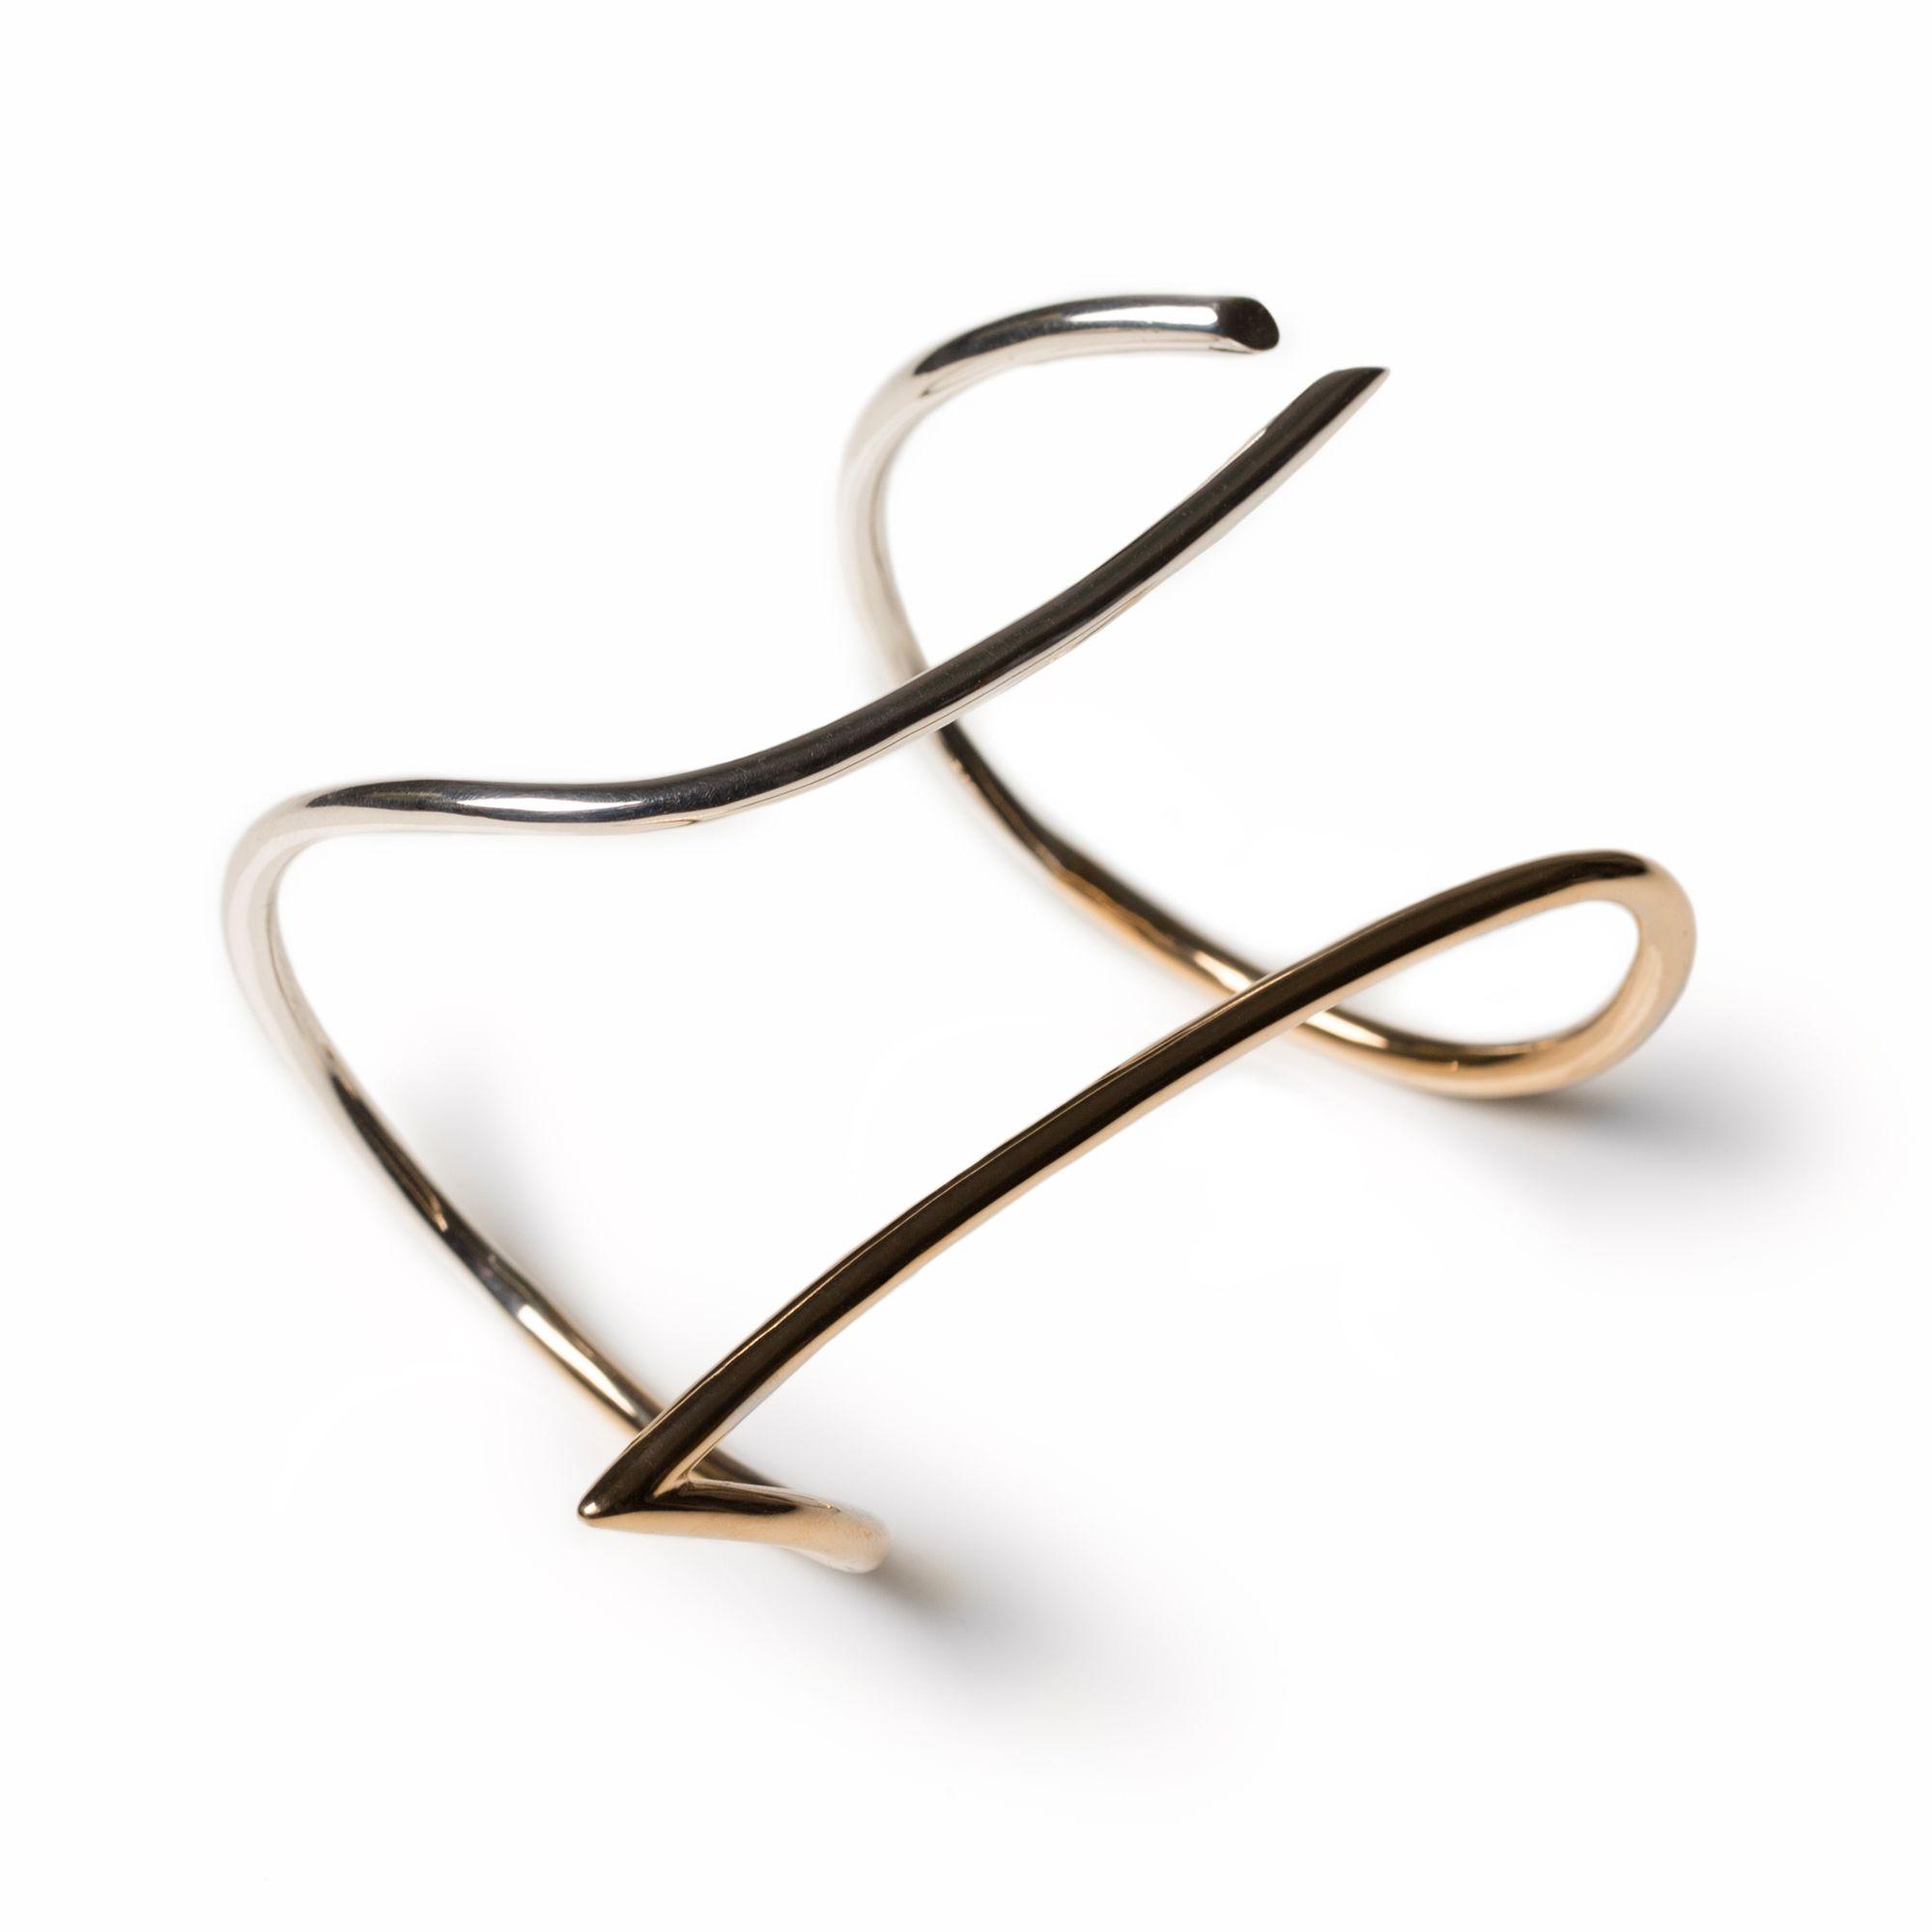 Bracciale 'Neon' bicolore Bracelet in silver and bronze